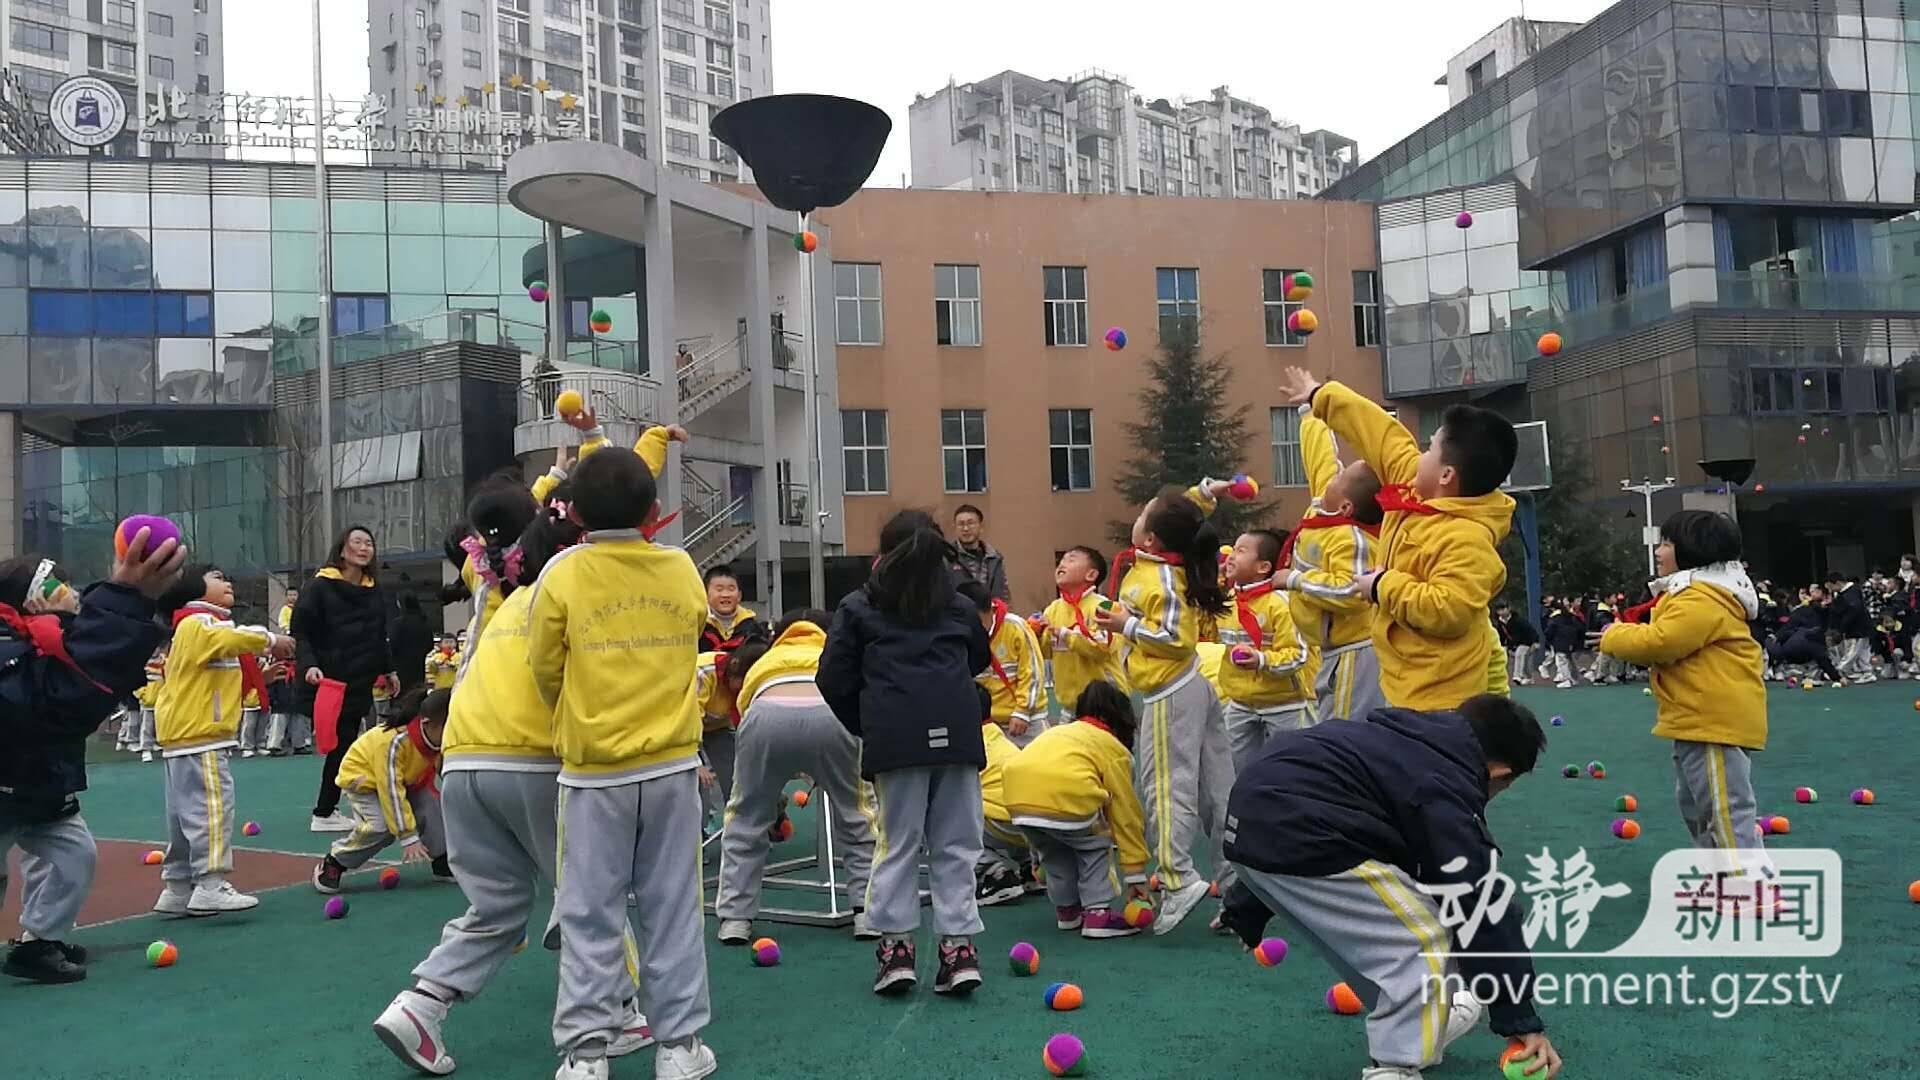 定制先玩两天?贵阳这所小学为孩子们开学特青岛市北区小学v小学图片